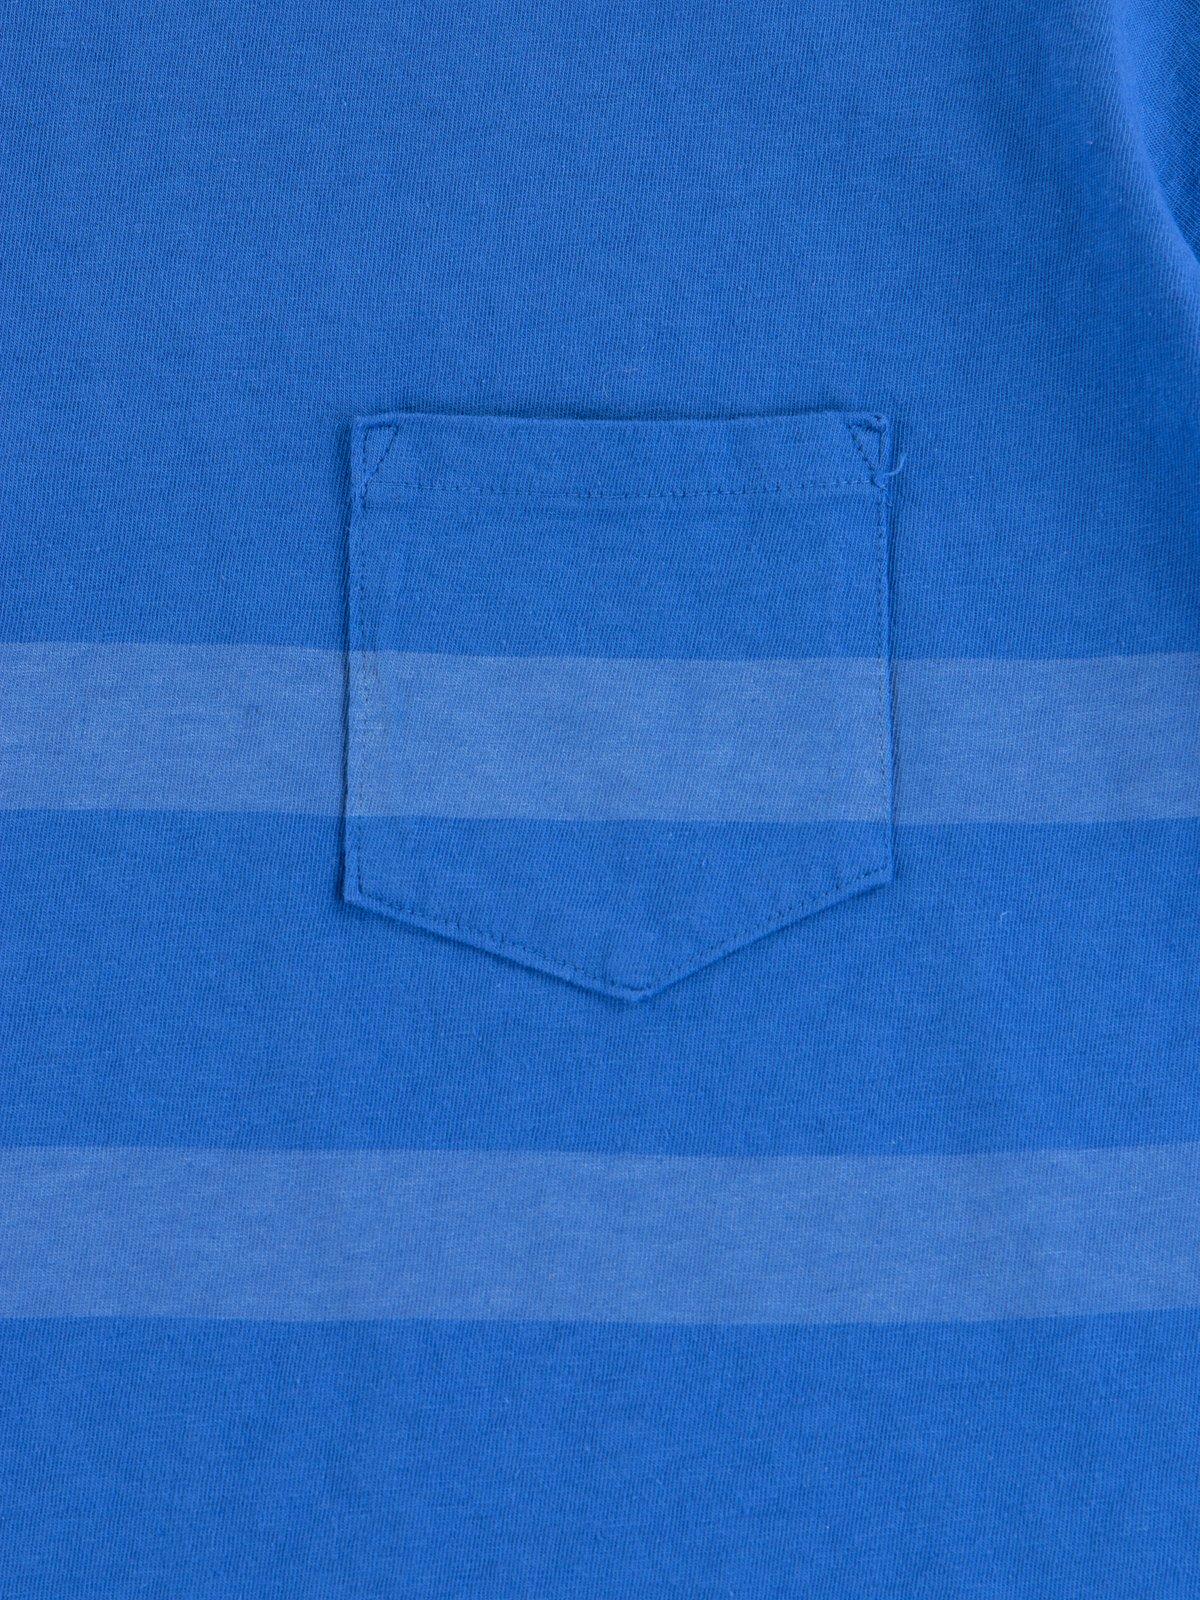 Blue Stripe Cote D'Ivoire Cotton T–Shirt - Image 3